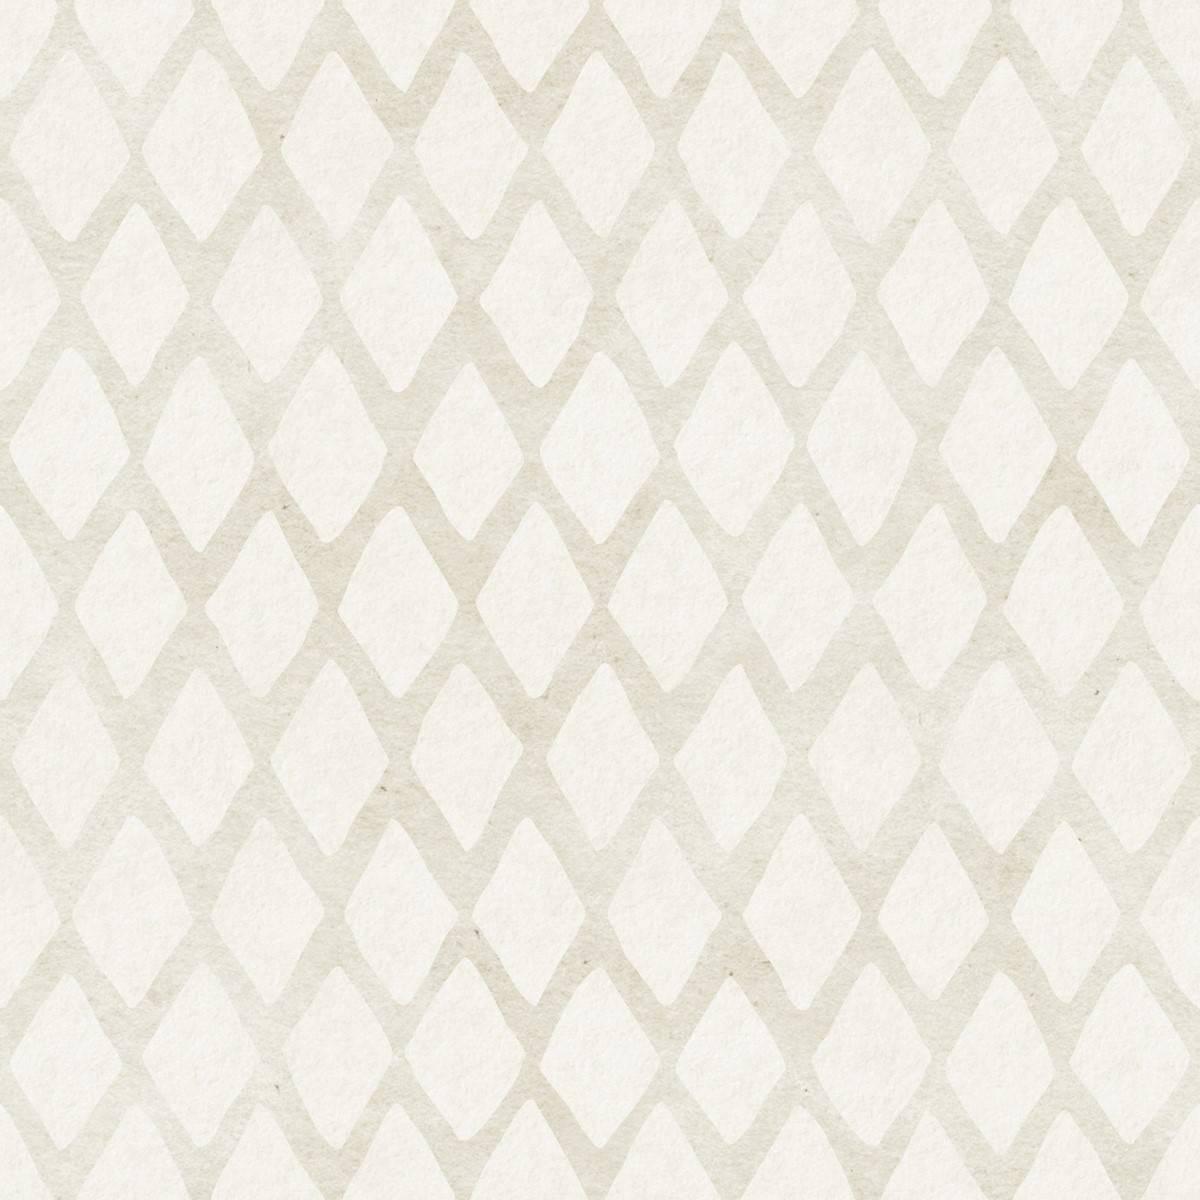 Papel de Parede Losango Bege | Adesivo Vinilico imagem 1